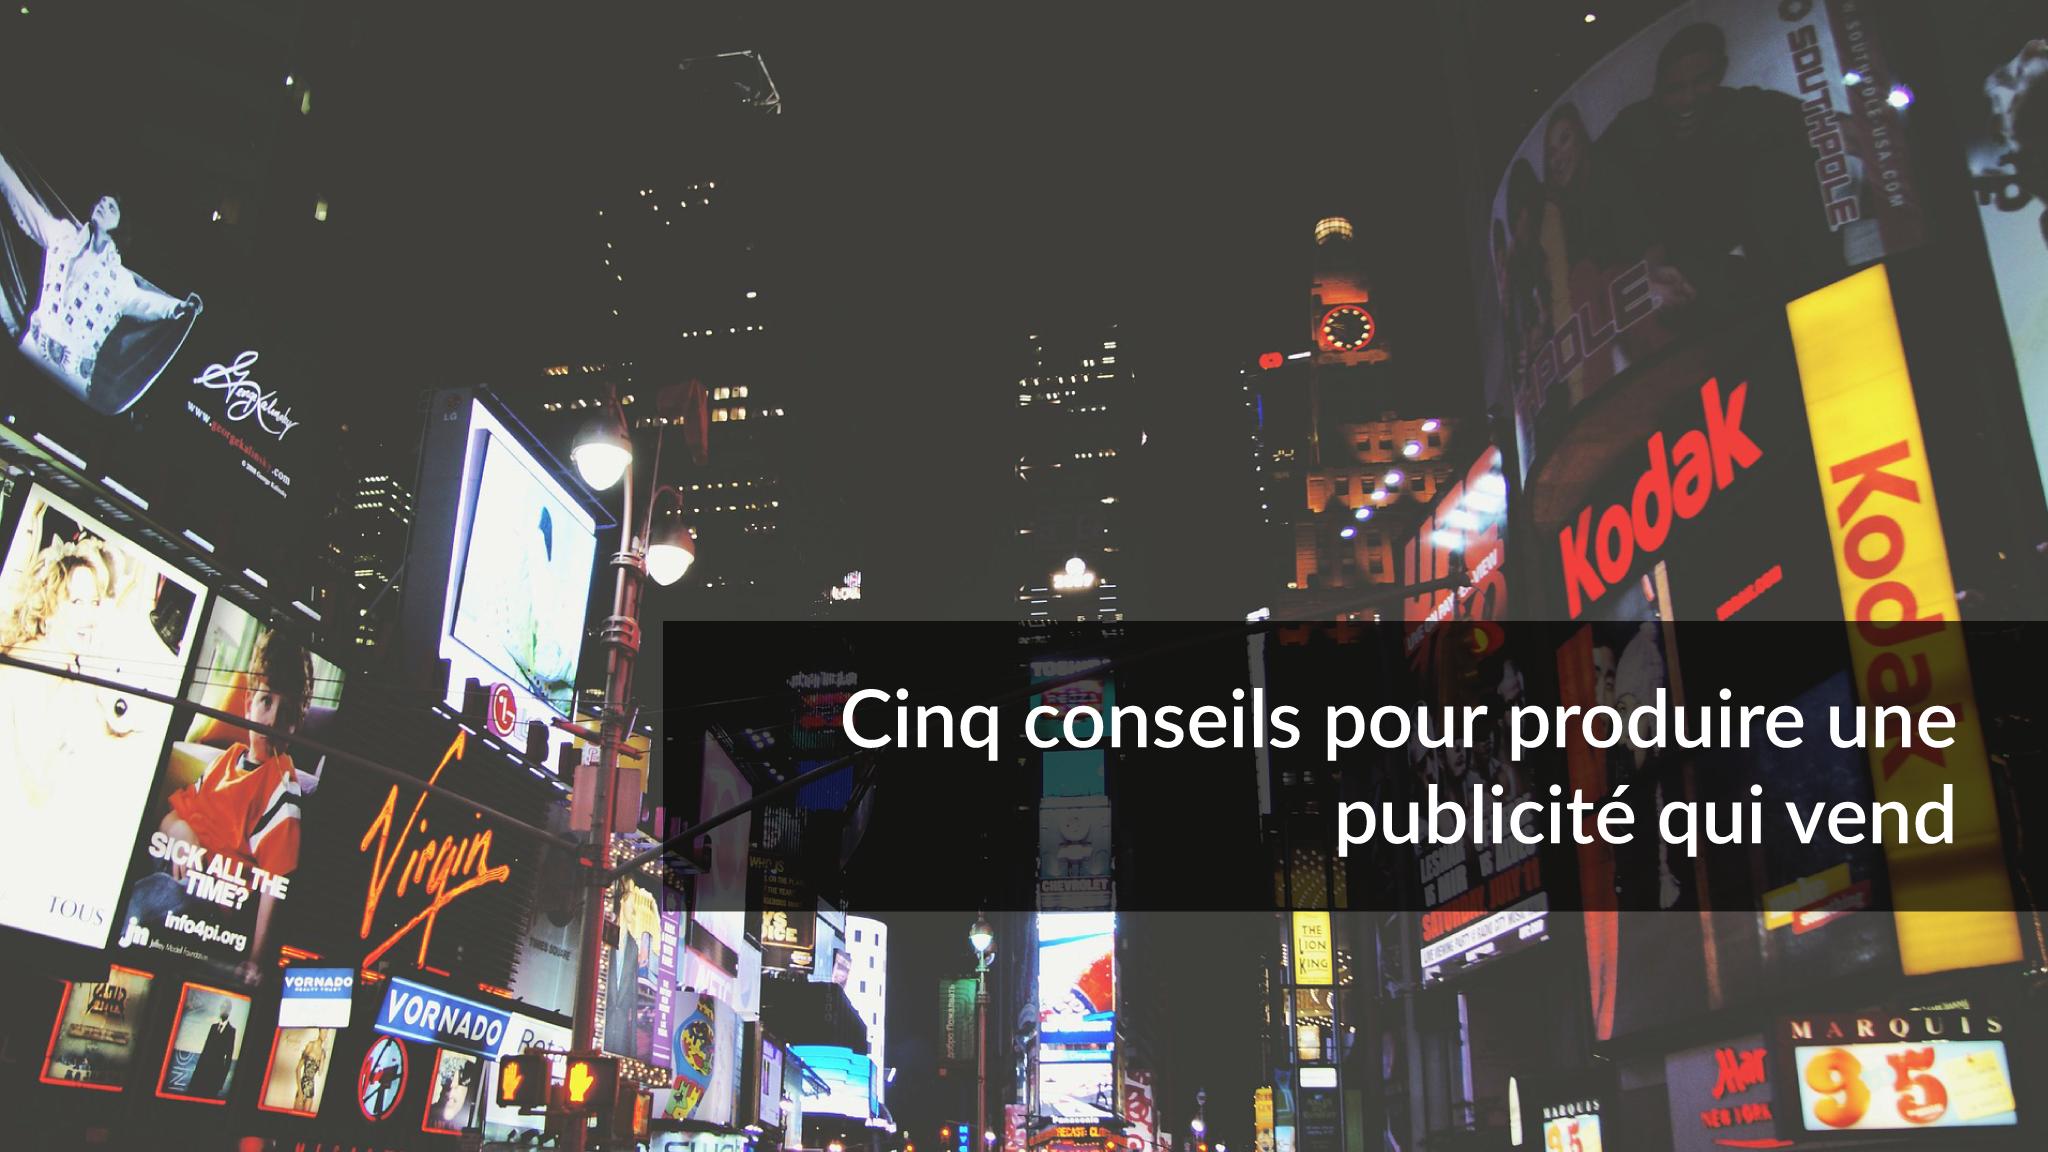 Cinq conseils pour produire une publicité qui vend | Studio Grafik